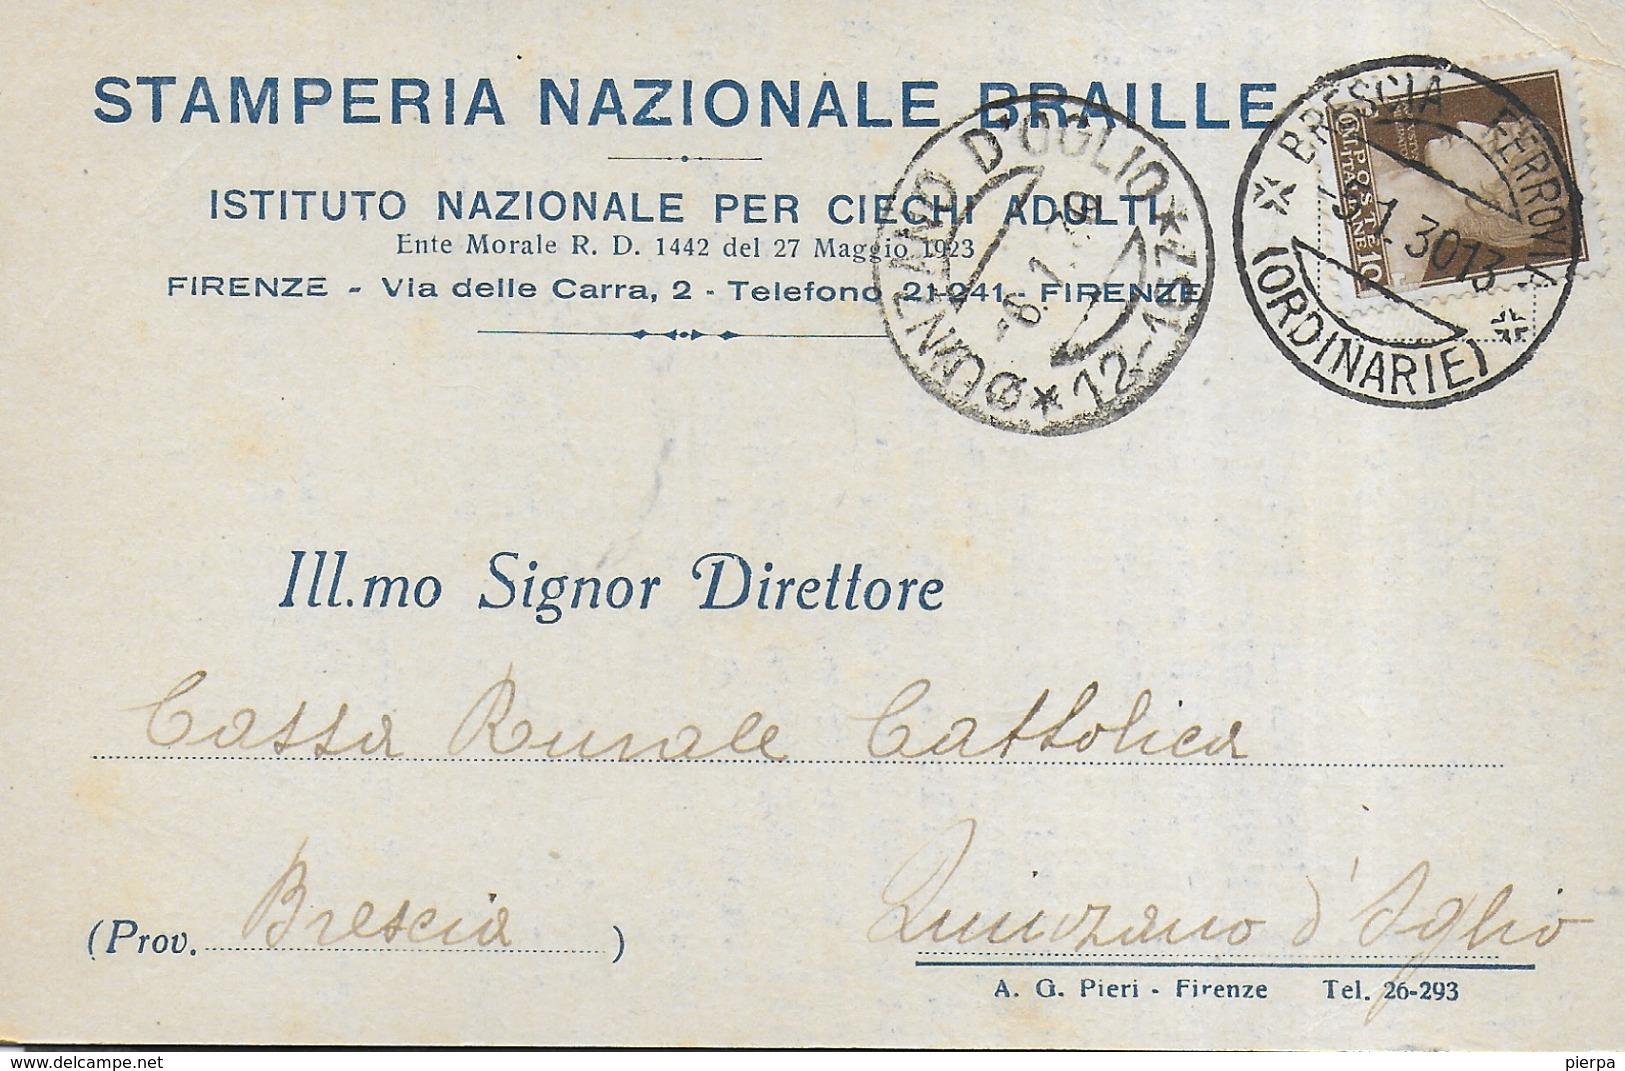 STORIA POSTALE REGNO - ANNULLO FRAZIONARIO DC - QUINZANO D'OGLIO (12-167) 06.01.1930 SU CARTOLINA INTESTATA DA BRESCIA - 1900-44 Victor Emmanuel III